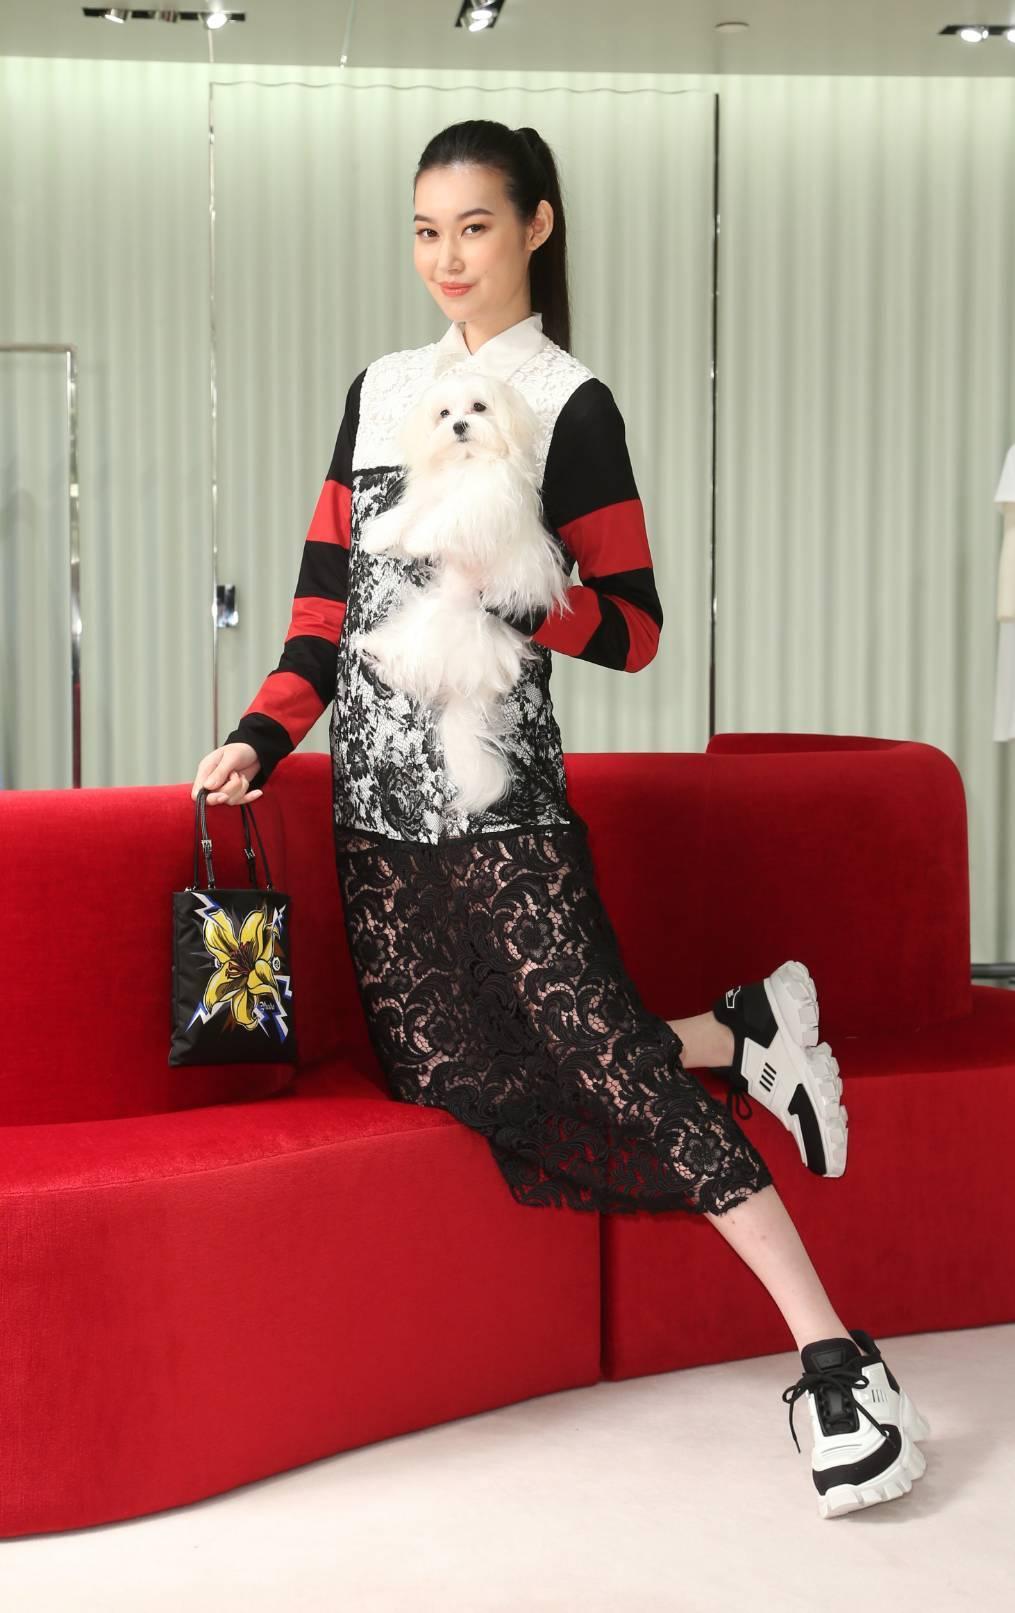 董若彤(Tiffany)穿PRADA條紋蕾絲洋裝14萬1,500元,短袖襯衫29...